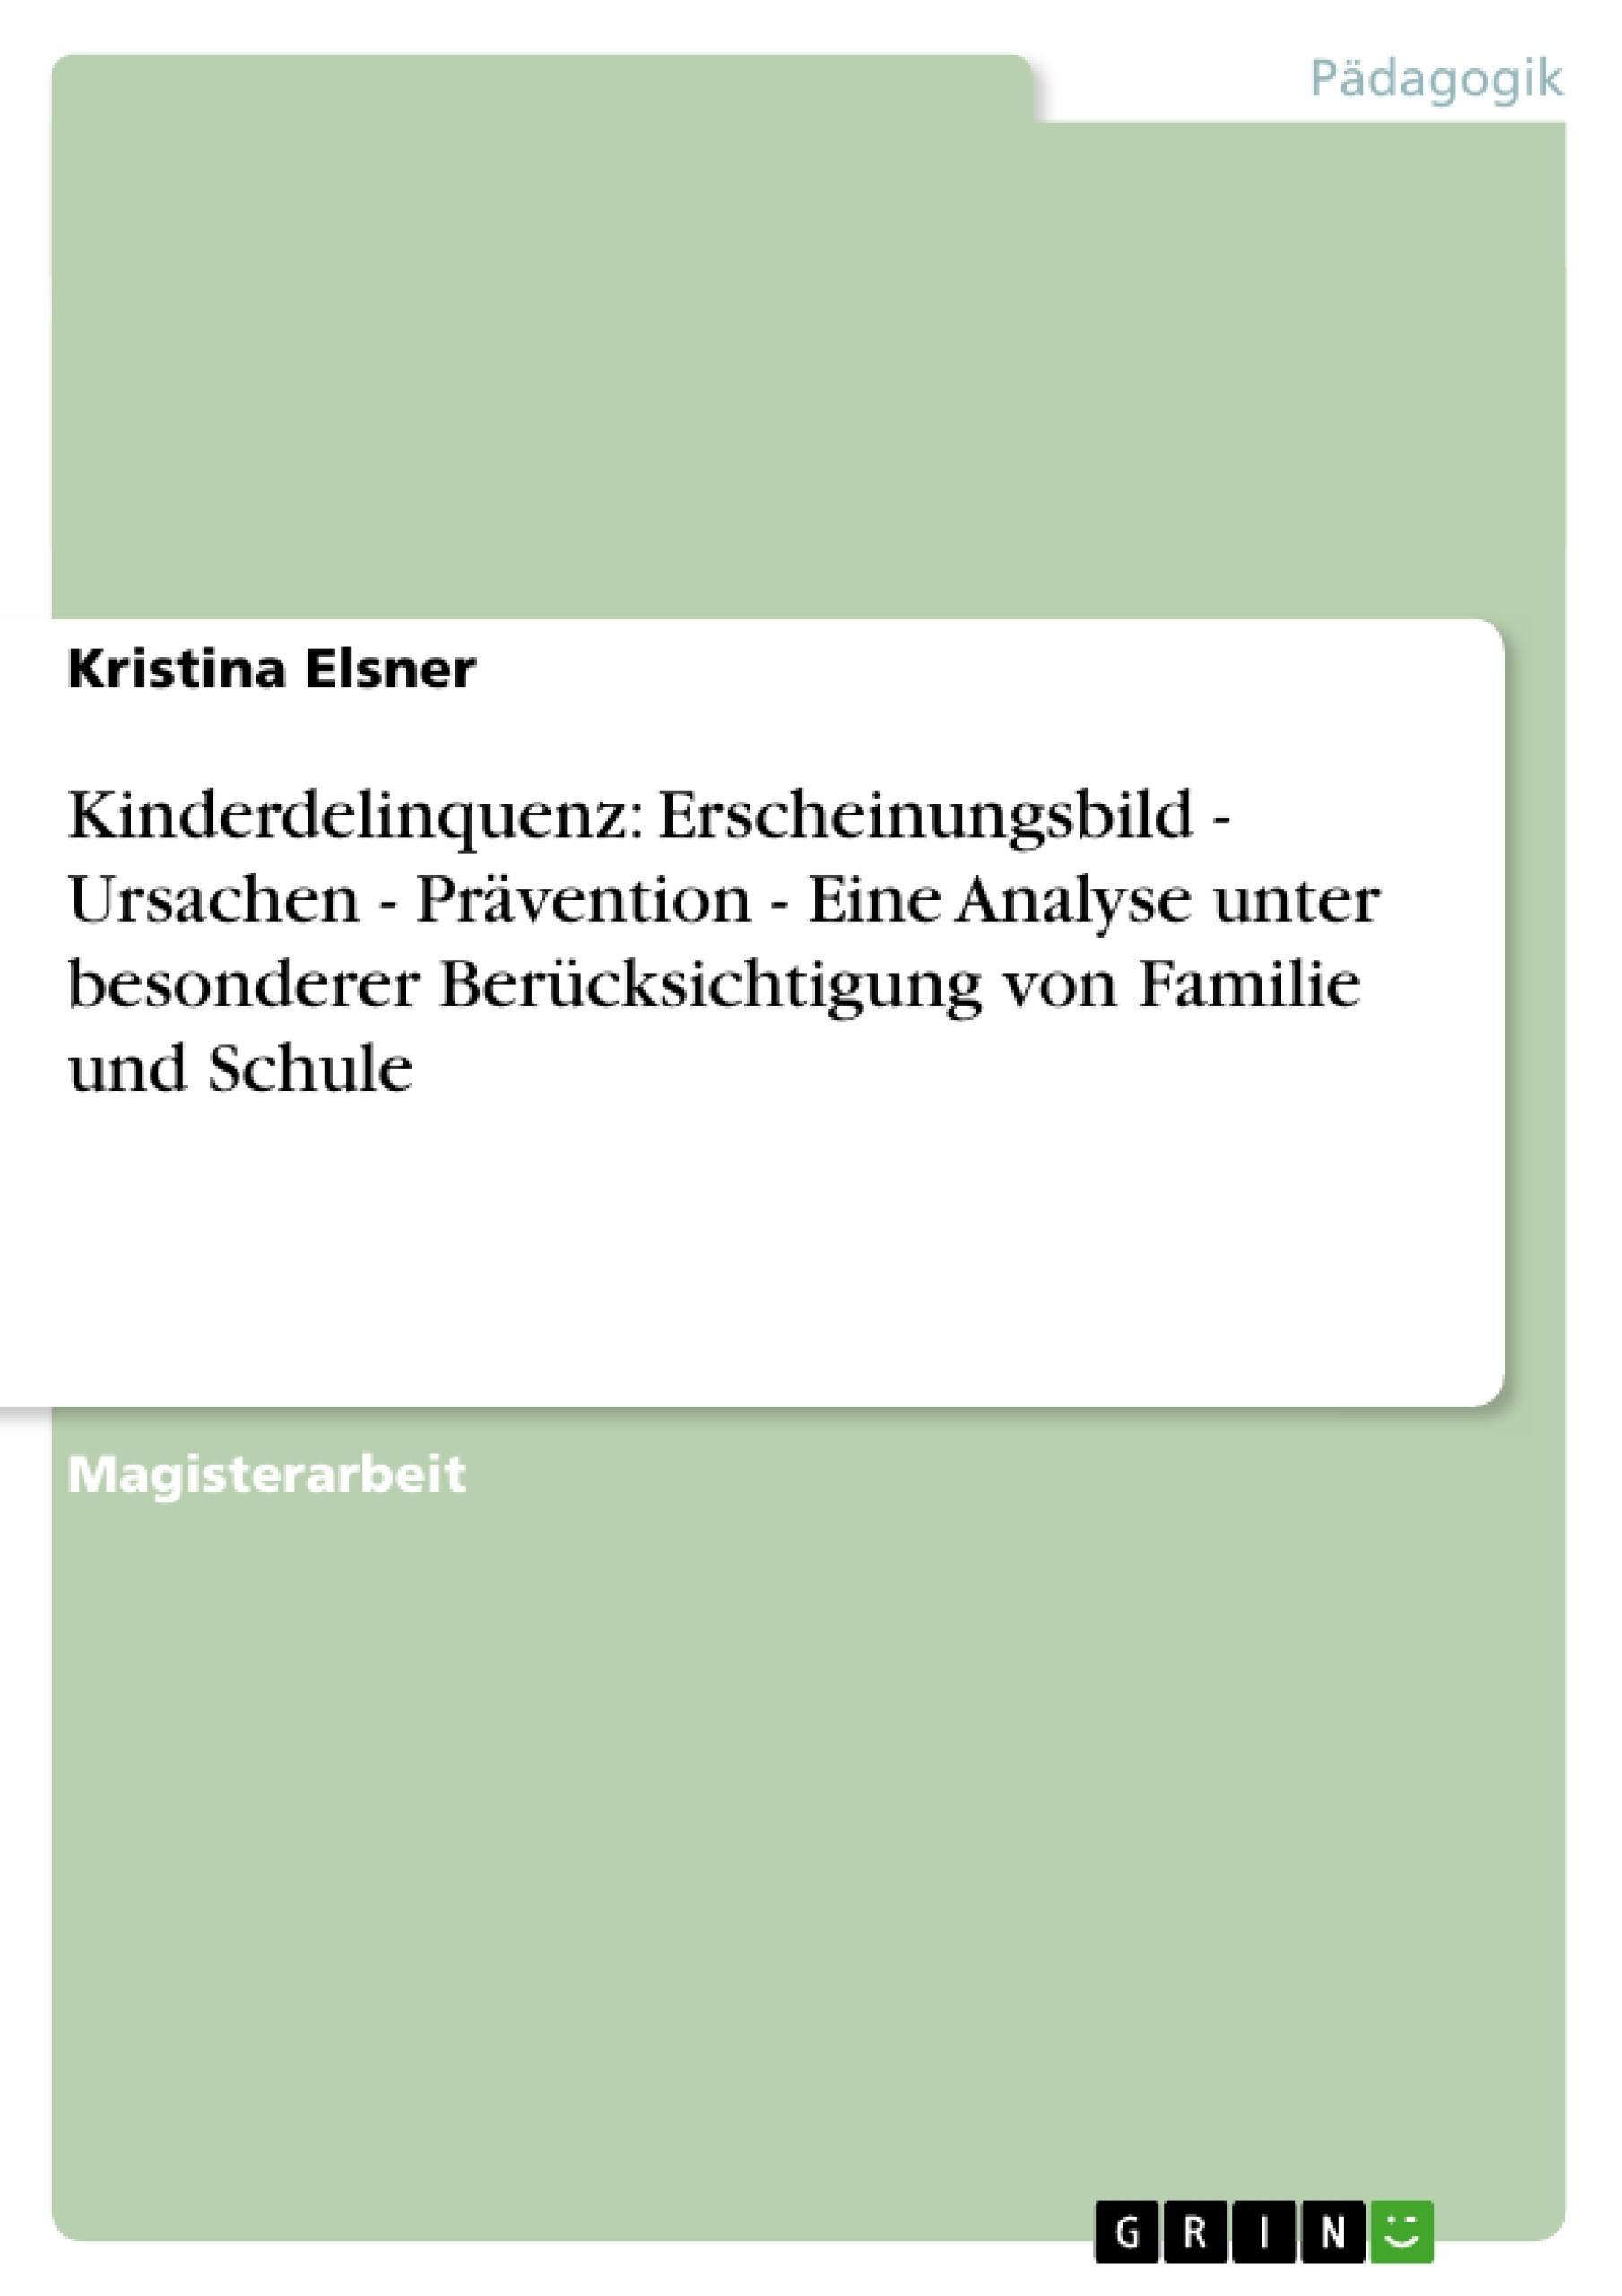 Titel: Kinderdelinquenz: Erscheinungsbild - Ursachen - Prävention - Eine Analyse unter besonderer Berücksichtigung von Familie und Schule